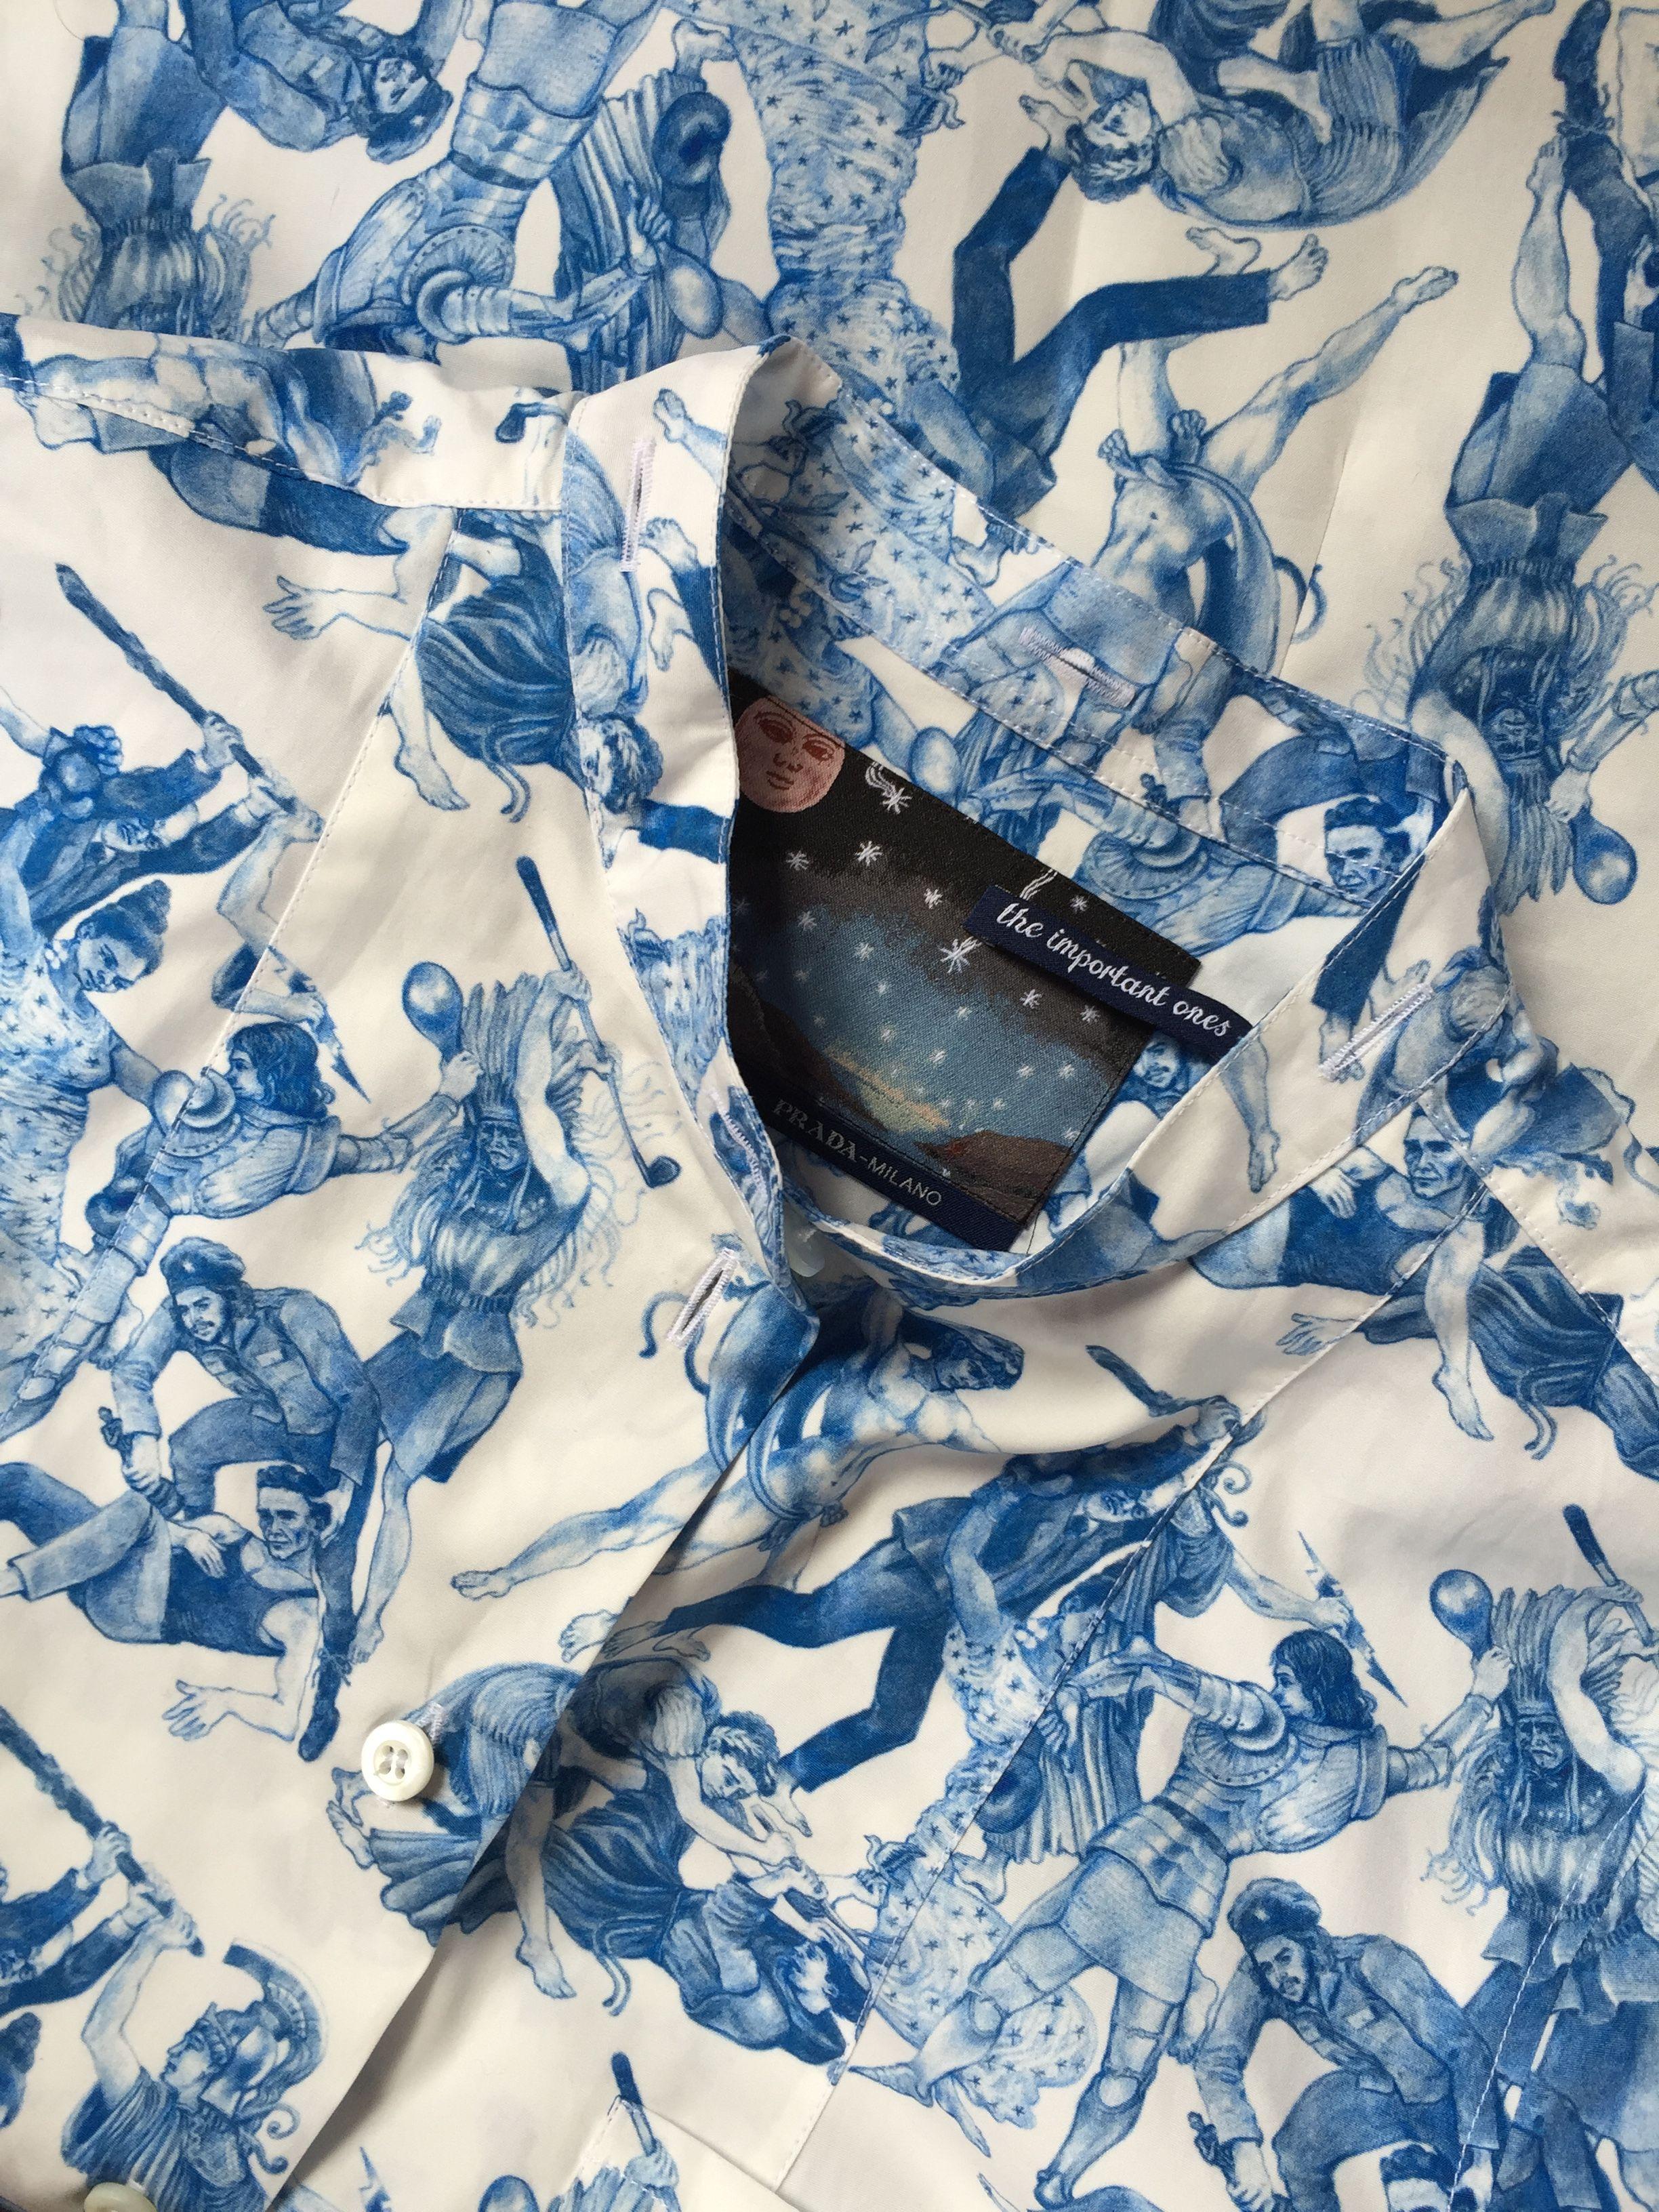 Le dessin et les bleus de cette chemise sont splendides; Nina Simone, Che Guevara, Freud, Jeanne d'arc...bravo Christophe Chemin!